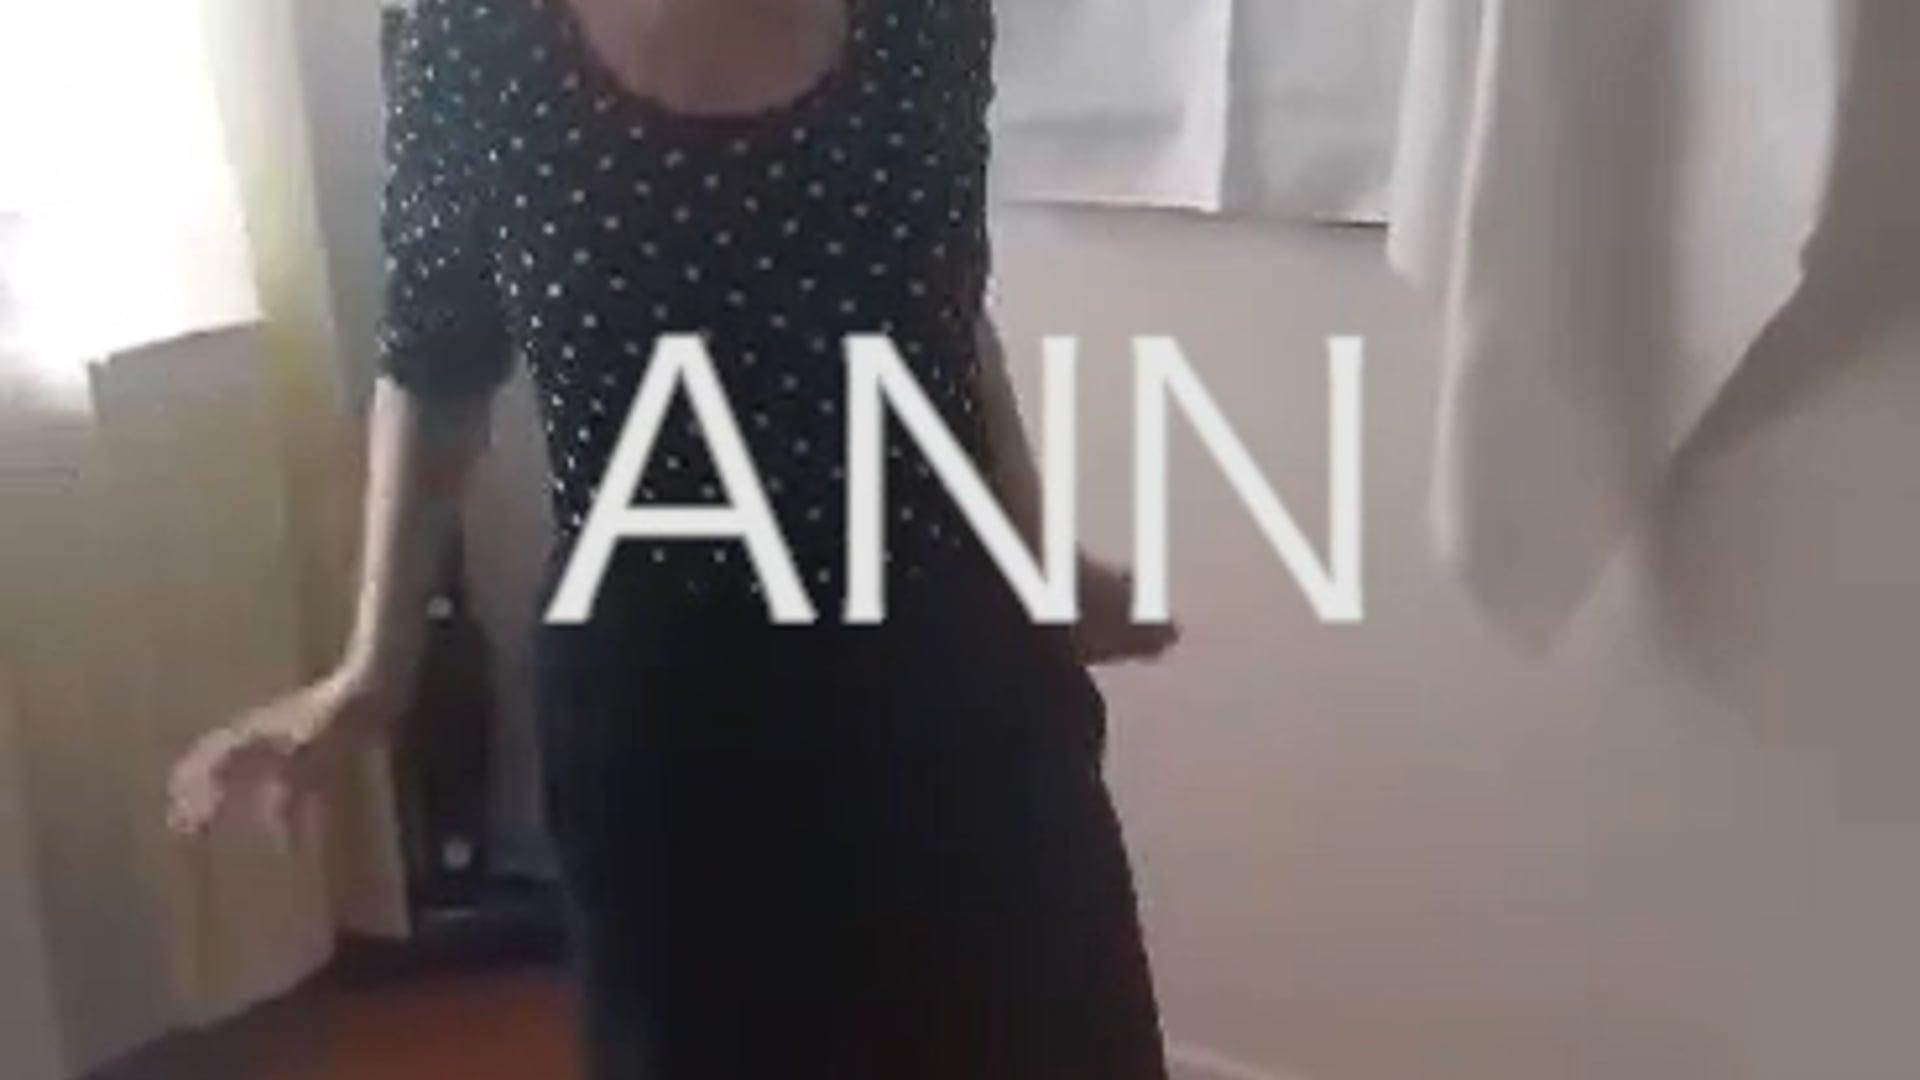 10. Ann